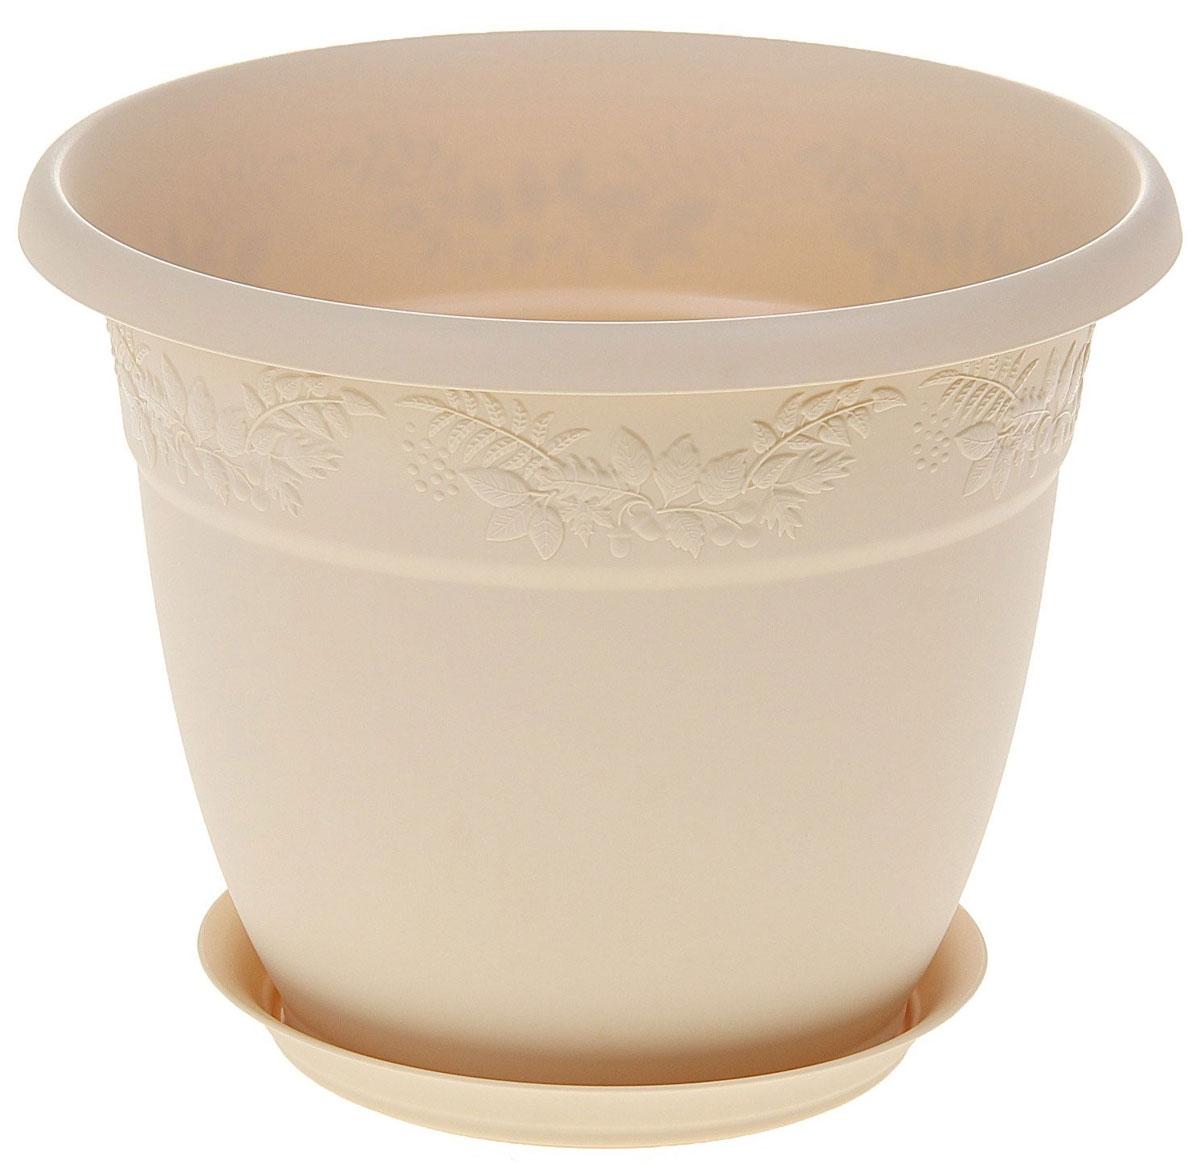 Кашпо Idea Рябина, с поддоном, цвет: белая глина, 5 л кашпо idea рябина с поддоном цвет терракотовый 2 3 л